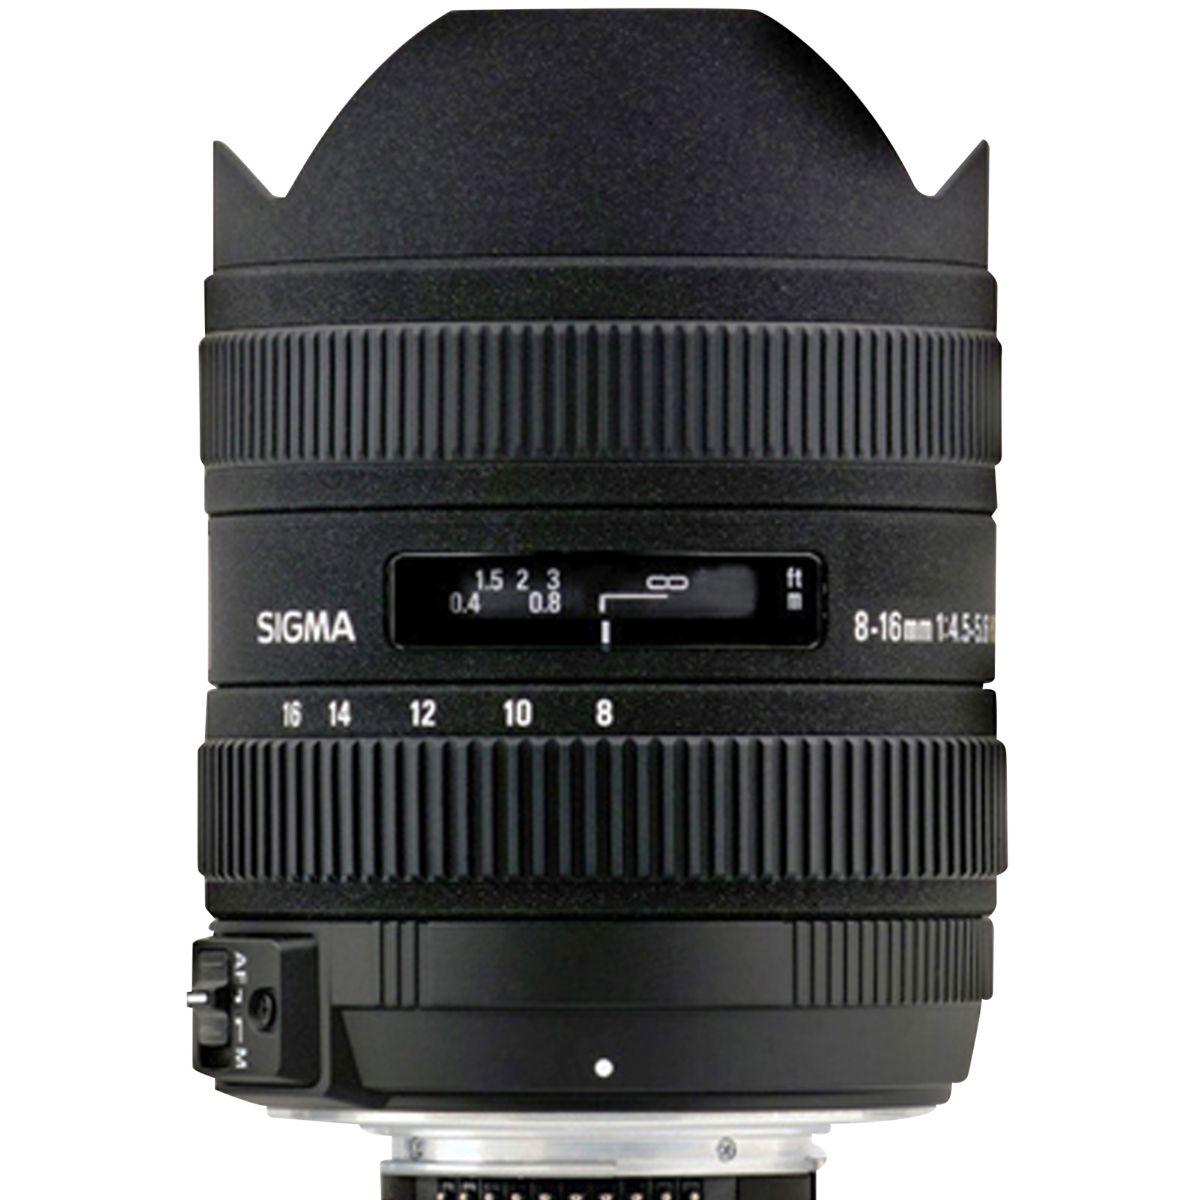 Objectif sigma 8-16mm f/4,5-5,6 dc hsm sony - soldes et bonnes affaires à prix imbattables